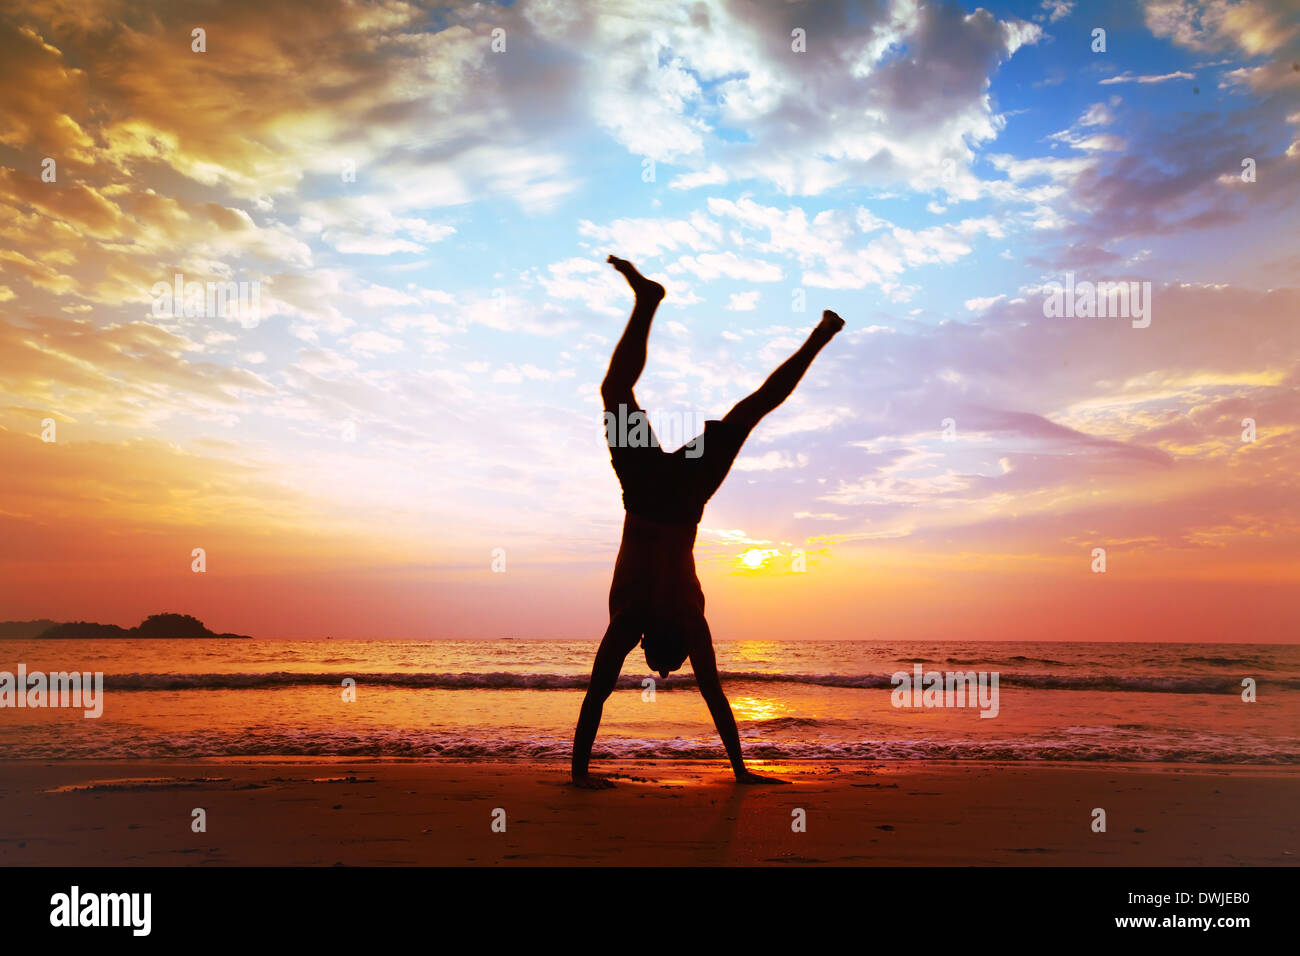 La liberté et la créativité, l'homme sautant sur la plage Photo Stock